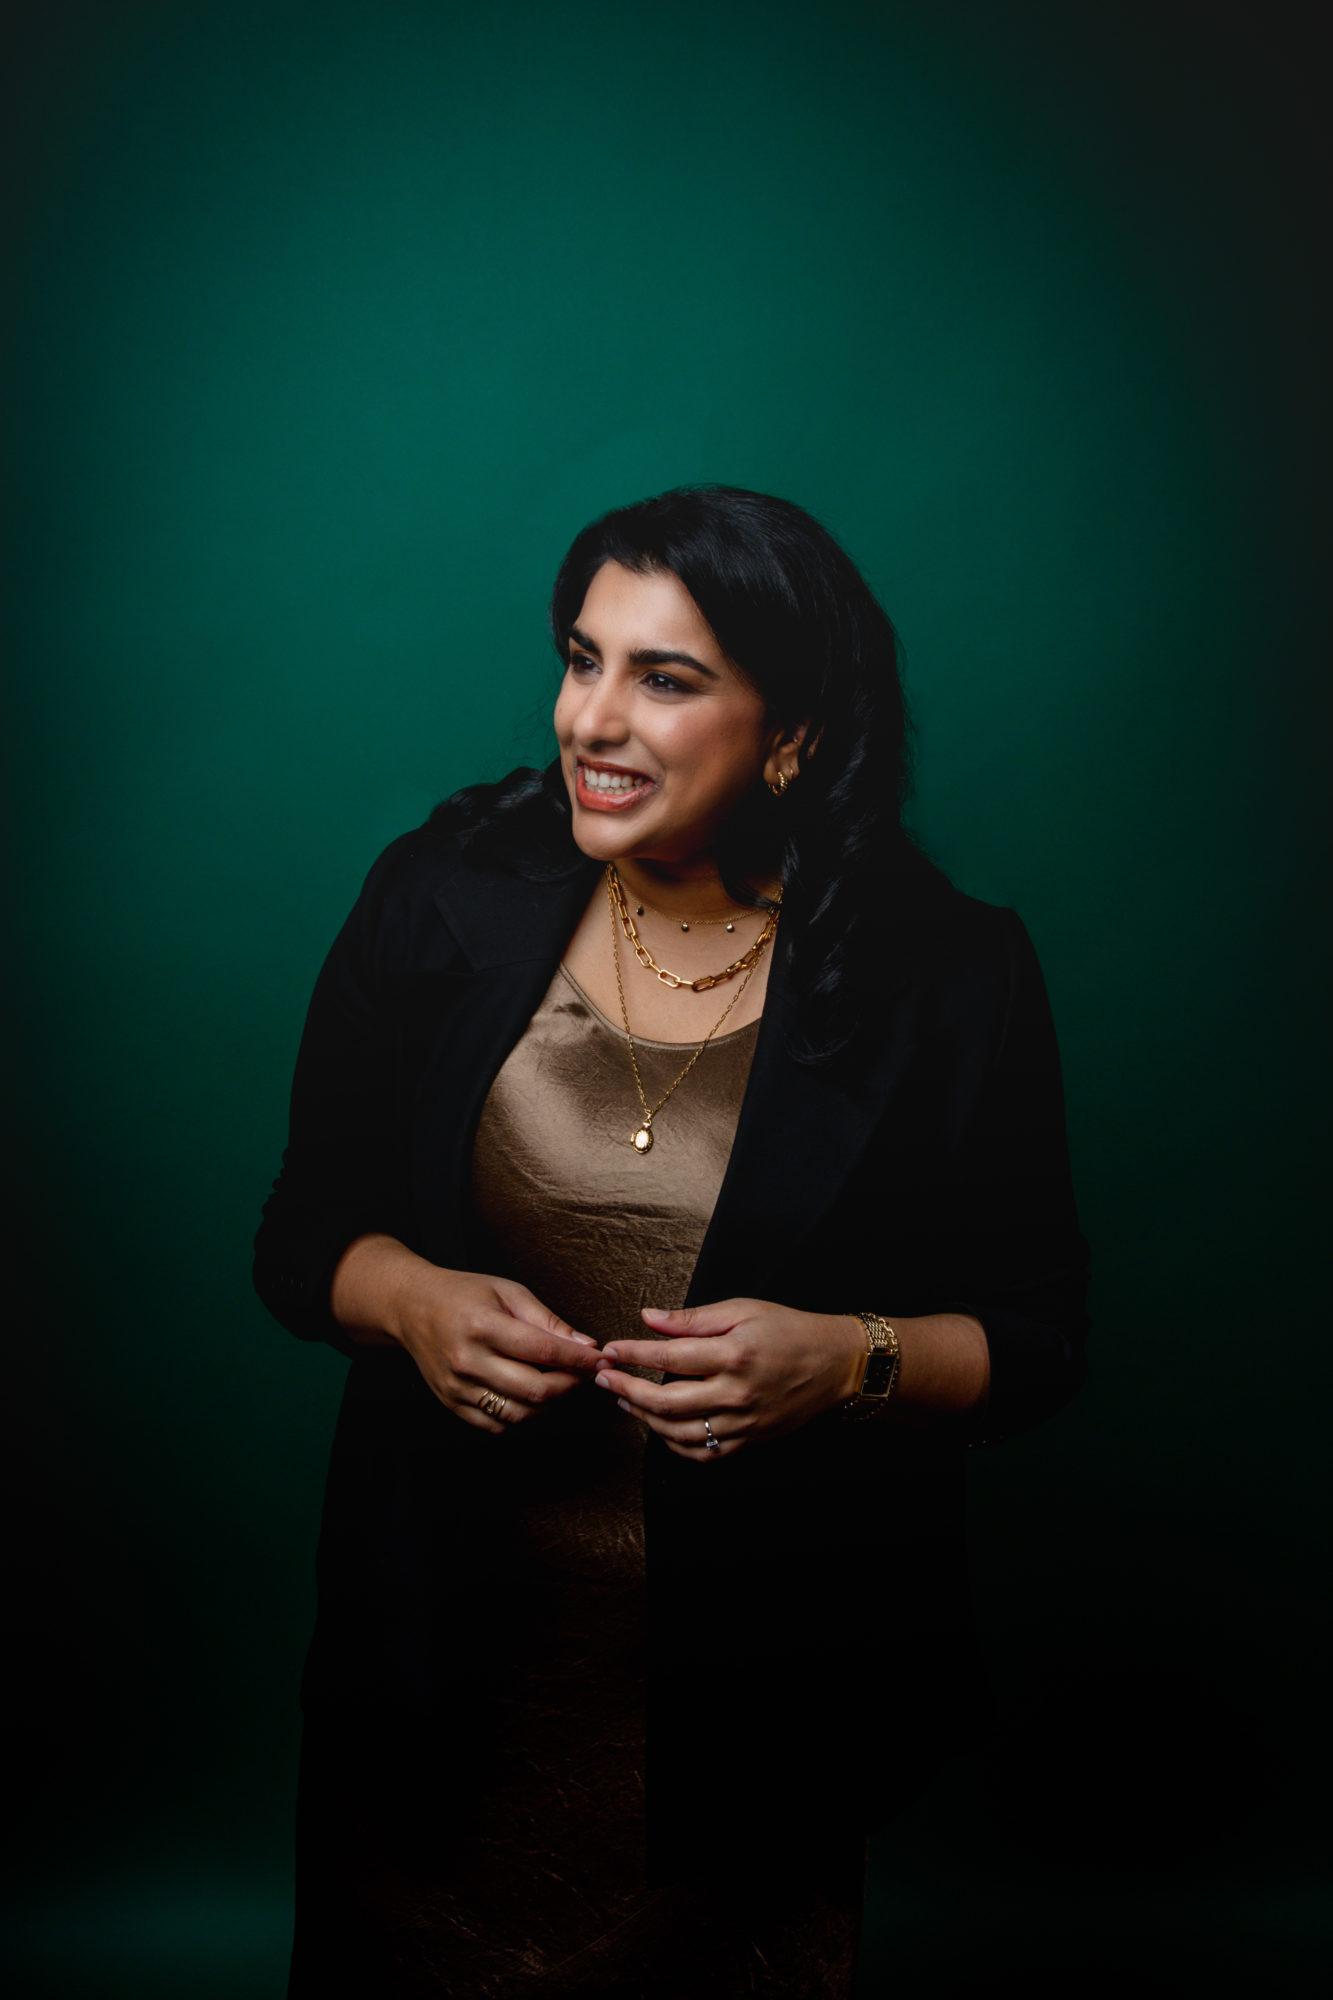 Chandana Haque | 2021 30 Women to Watch | Utah Business